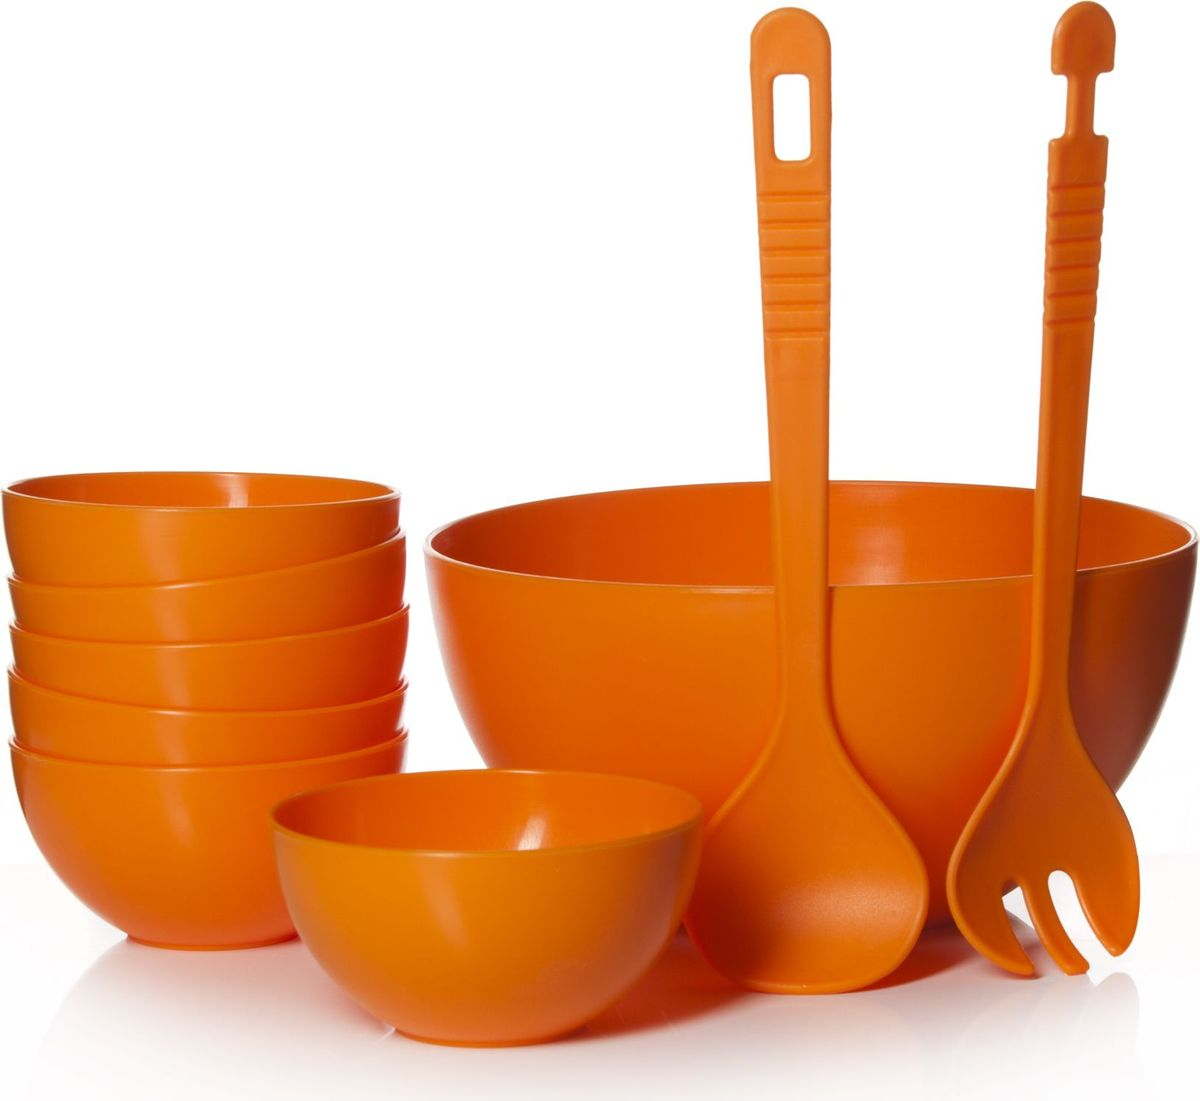 Набор для салата Gotoff, цвет: оранжевый, 9 предметовWTC-700Набор для салата Gotoff состоит из большого салатника, 6 мисок, ложки и вилки. Предметы набора выполнены из полипропилена. Такой набор прекрасно подойдет для использования его на даче и пикниках.Диаметр салатника: 23 см.Высота салатника: 12 см.Диаметр миски: 12 см.Высота миски: 6,3 см.Длина приборов: 29 см.